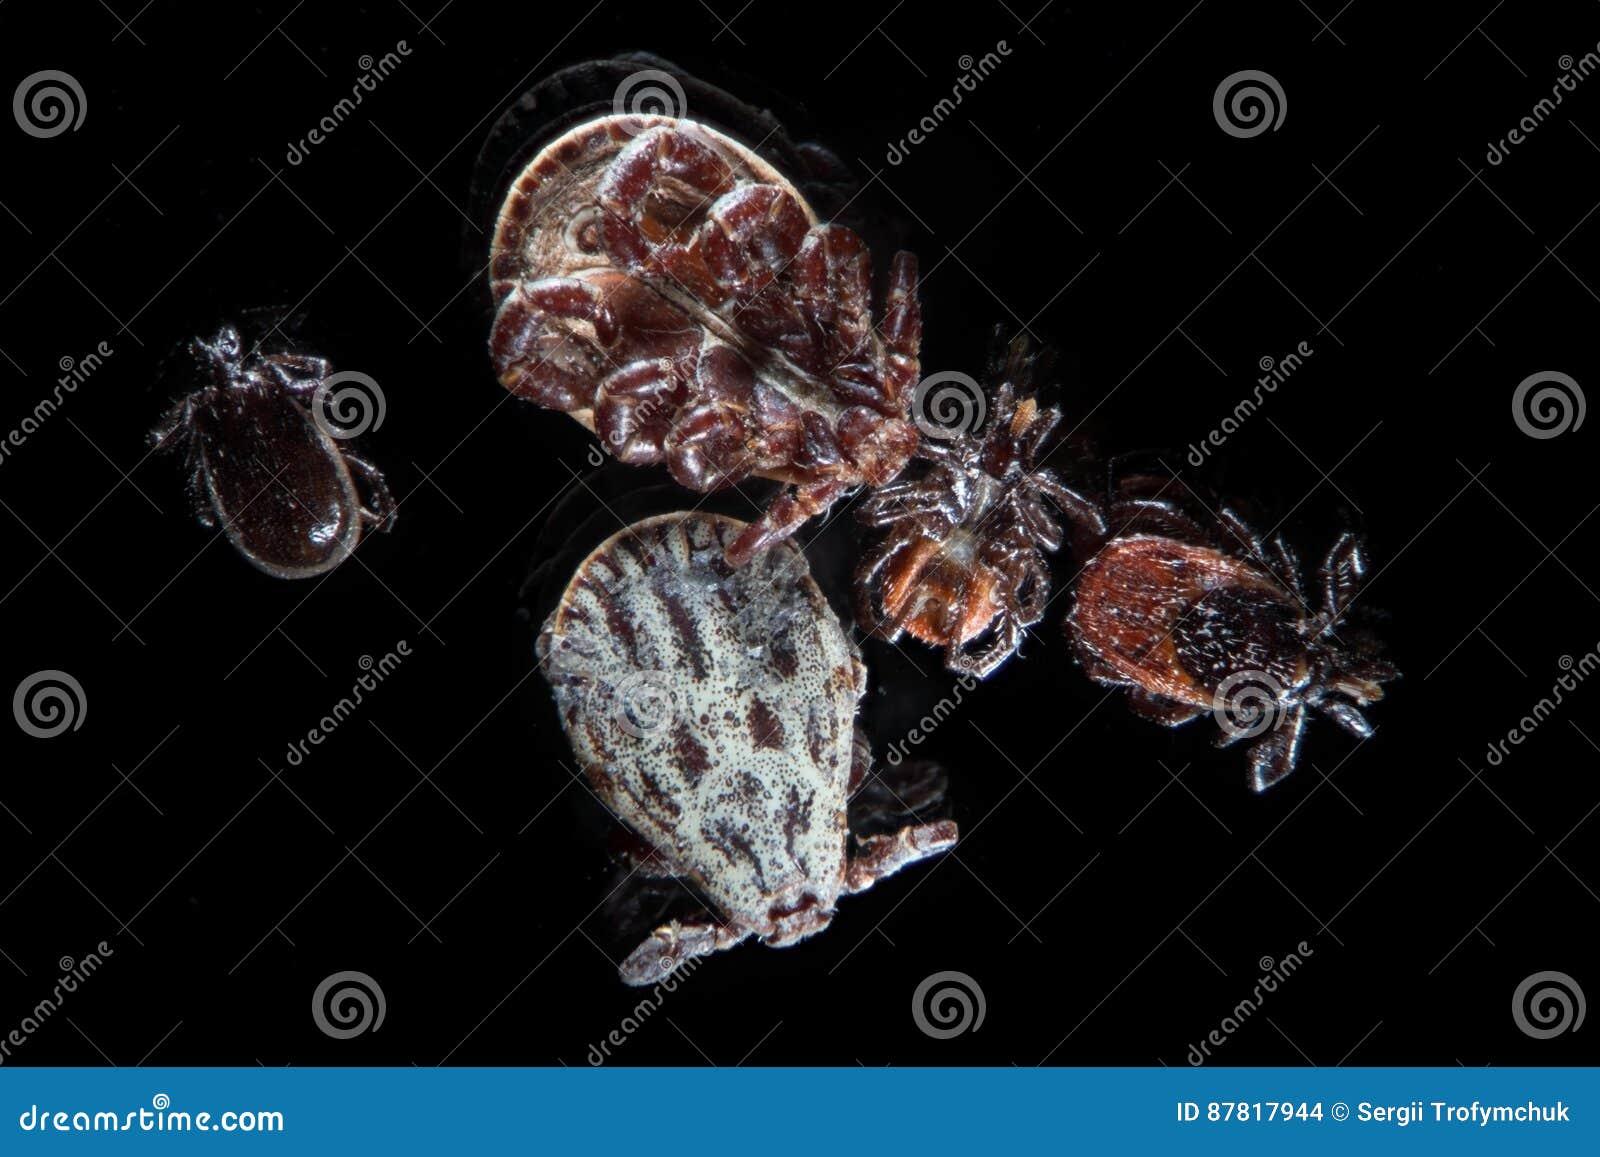 Segni di spunta microscopici dei parassiti, acari, segno di spunta di cervi o di zecca dalle zampe nere o segno di spunta fatto i